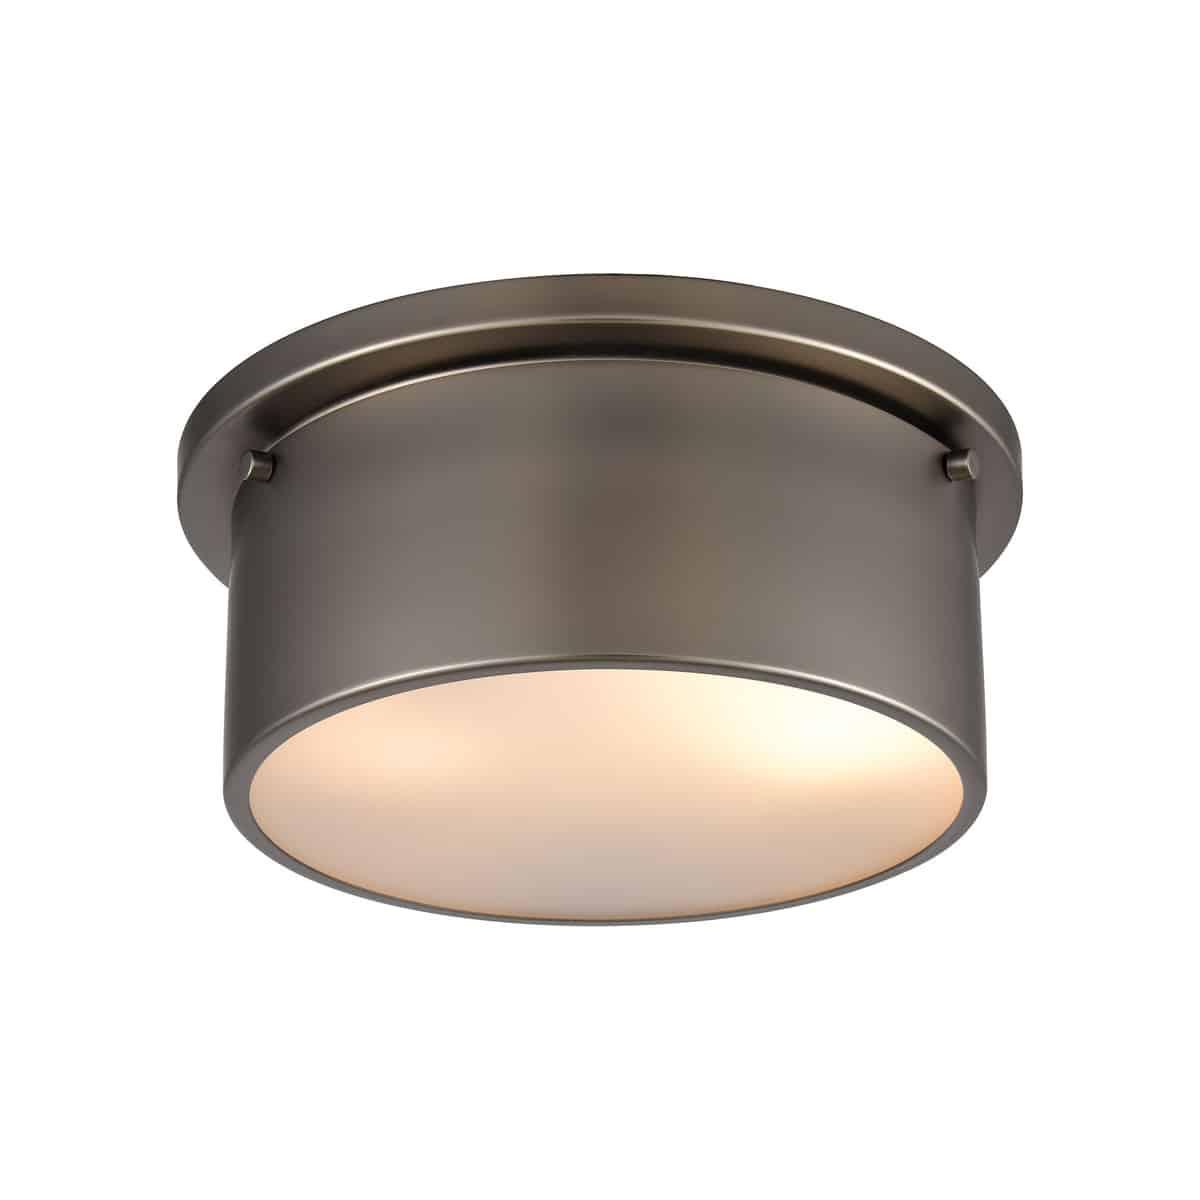 EL-12110/2_2 light flush mount in Black Nickel.